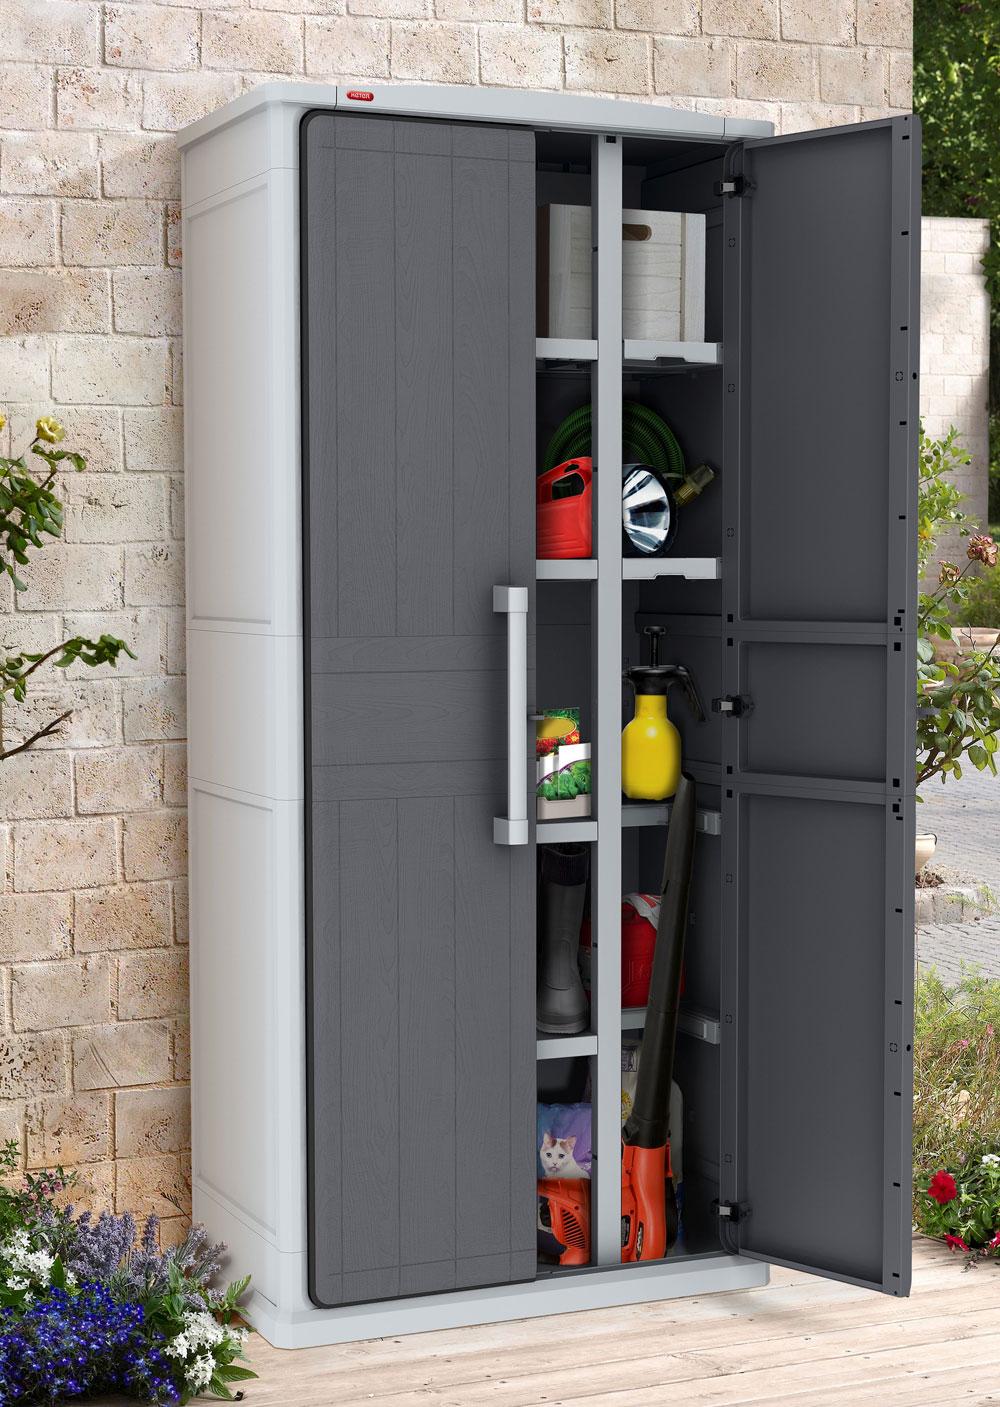 Gartenschrank keter optima wonder cabinet tall 80 5x47 - Kleiner gartenschrank ...